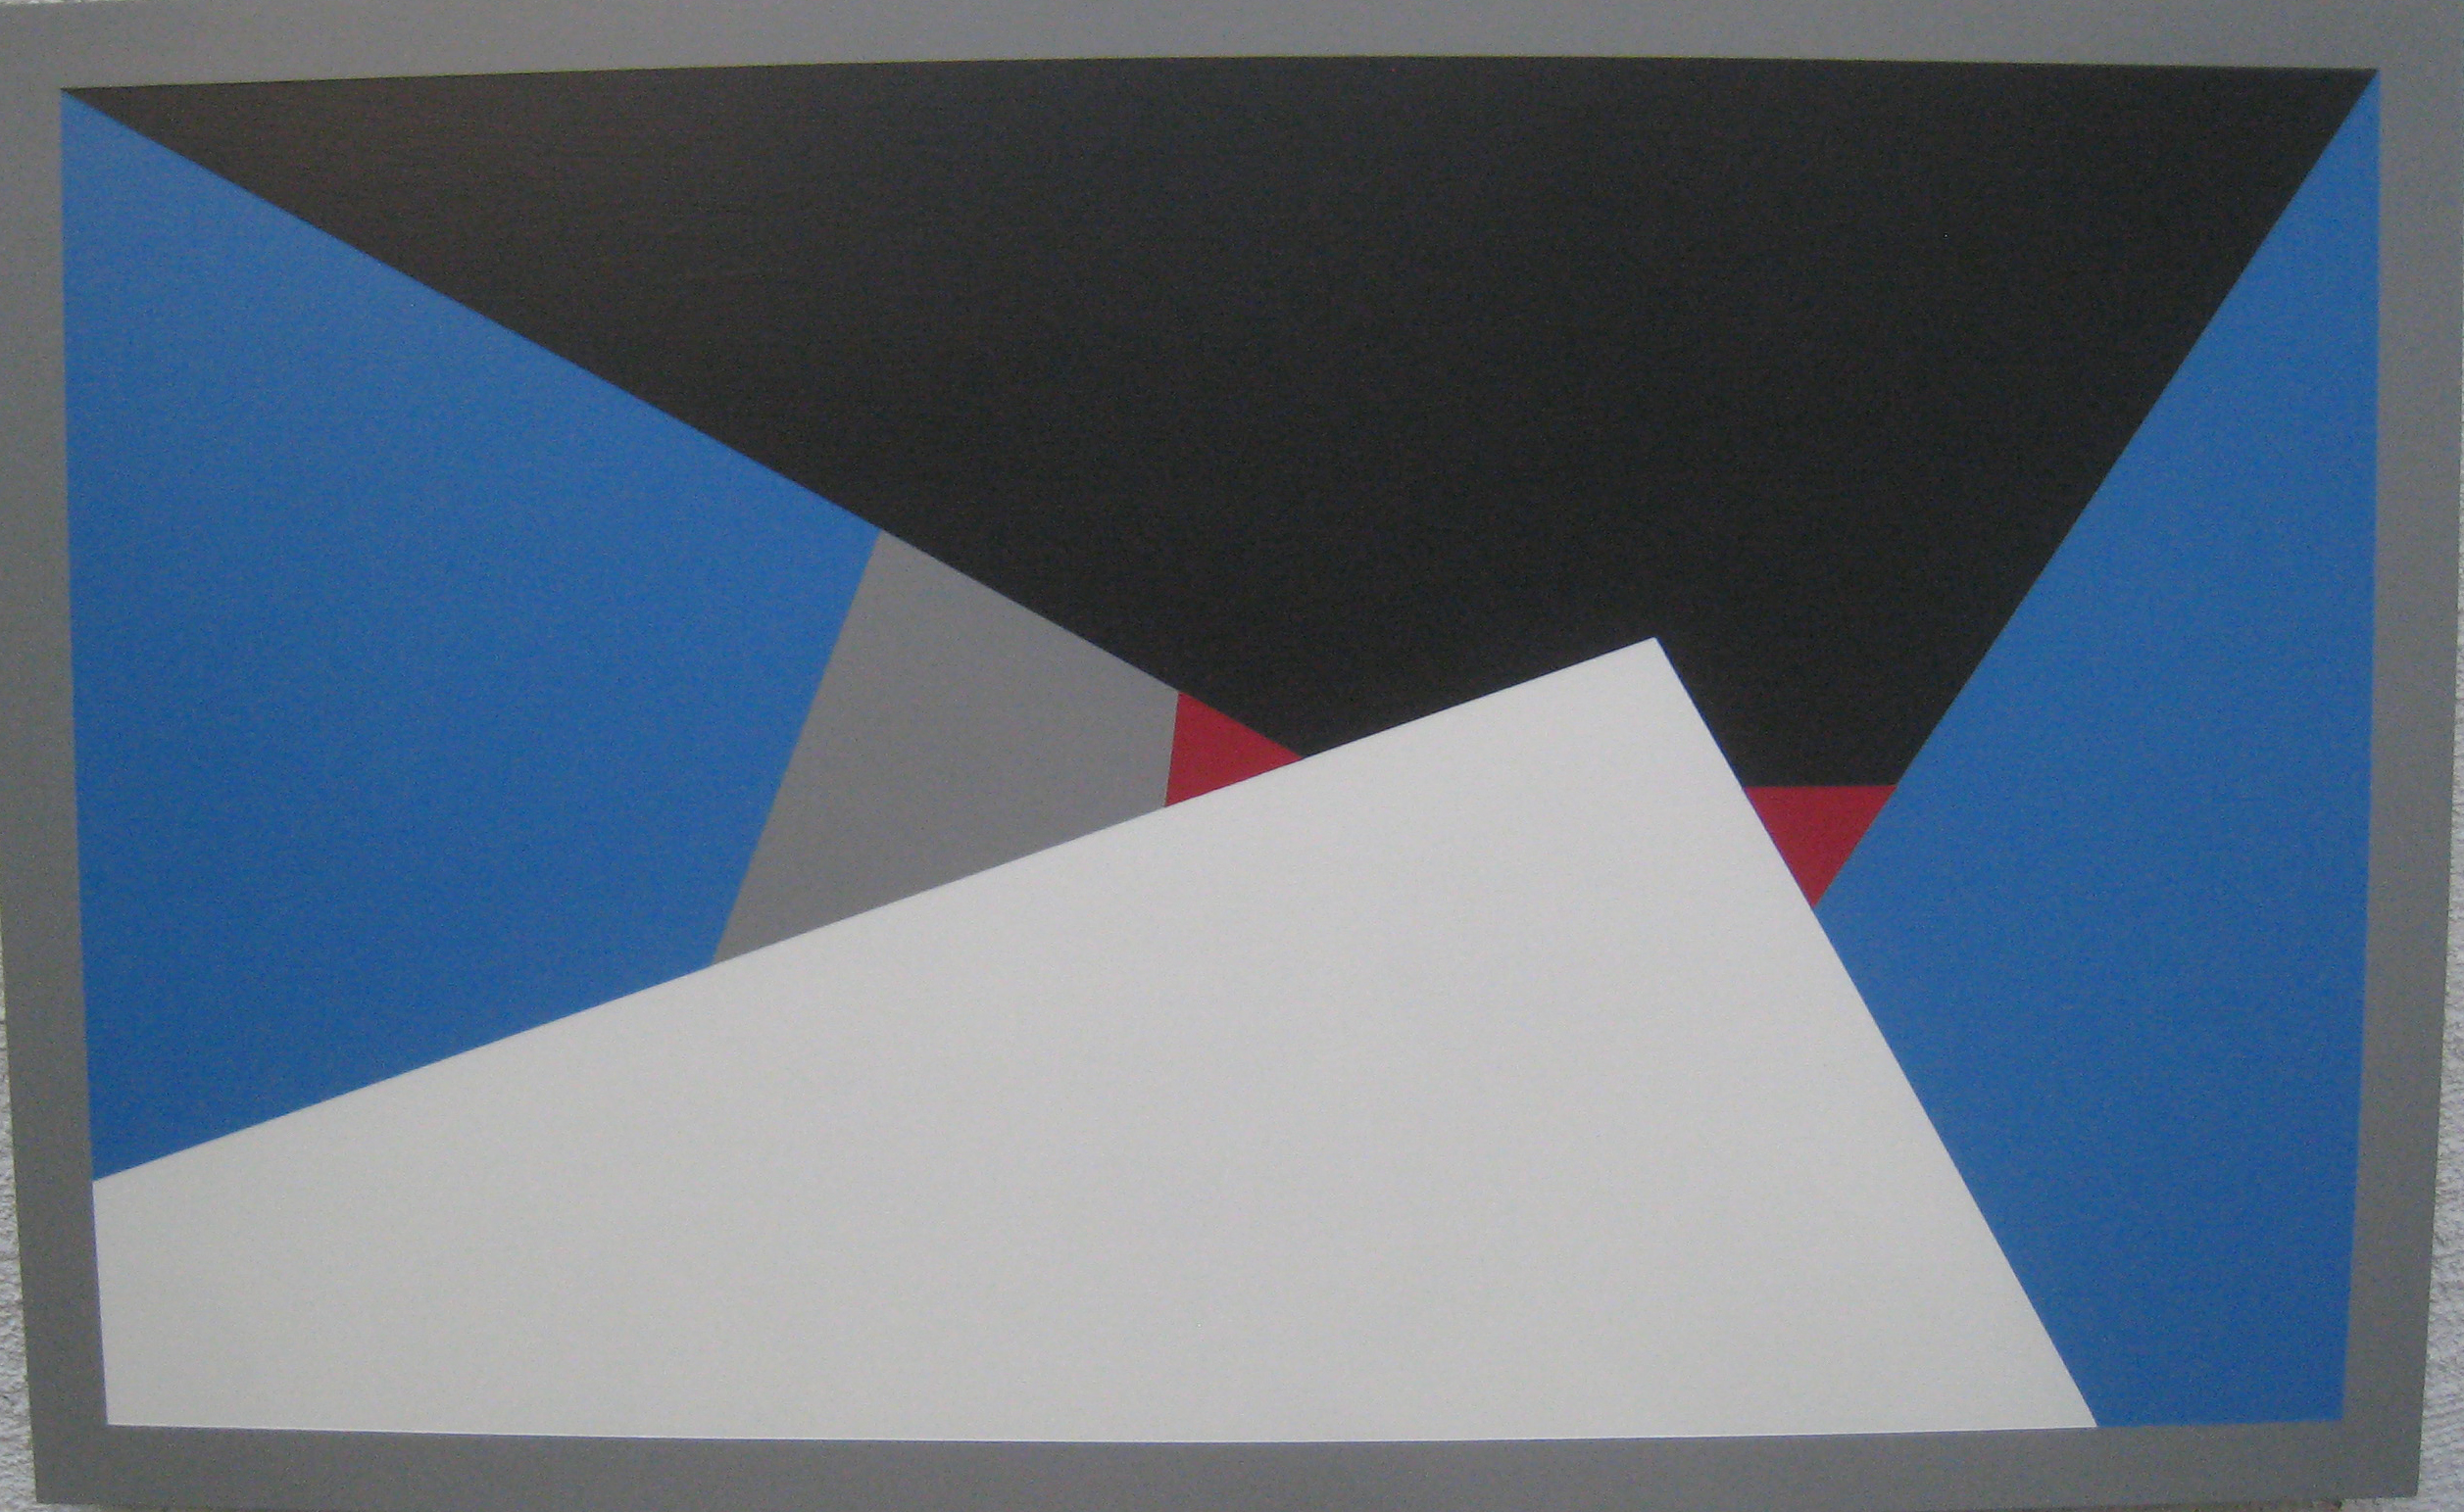 Scaturro_Multicolor Geometric_3